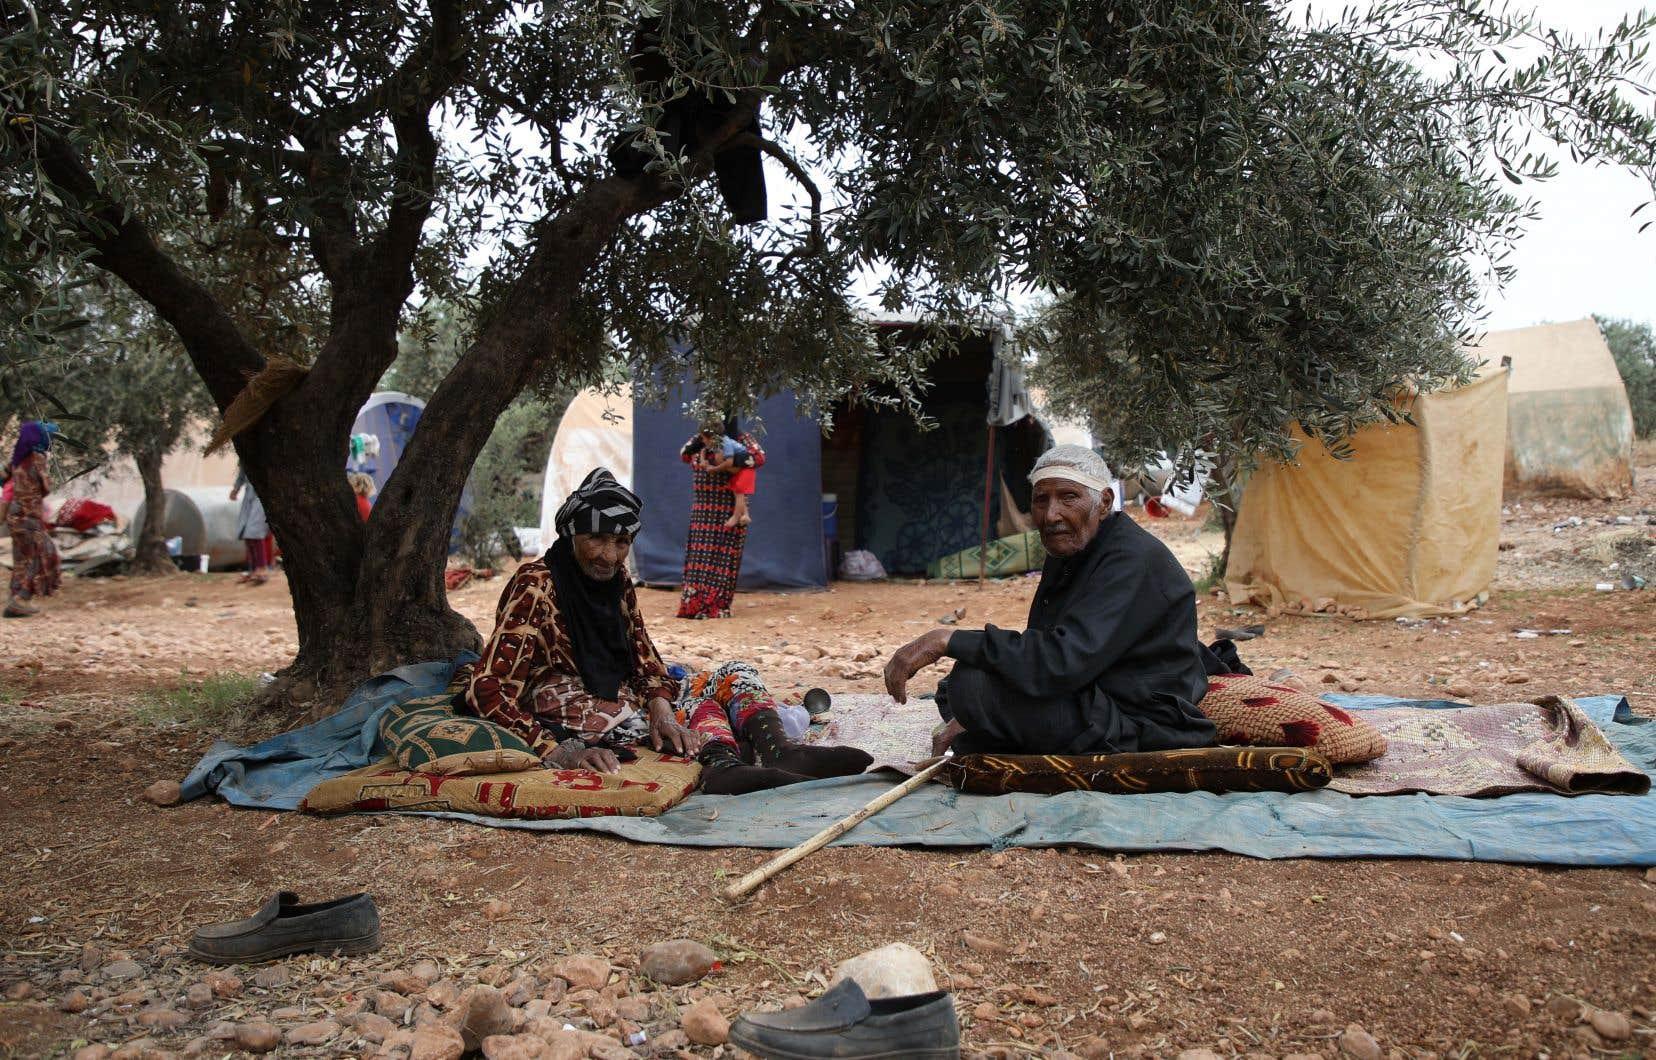 Ces gens déplacés, qui ont fui les offensives contre le dernier bastion du groupe djihadiste État islamique (EI), ont été accueillis dans des camps tenus par les forces kurdes, dans le nord-est de la Syrie.